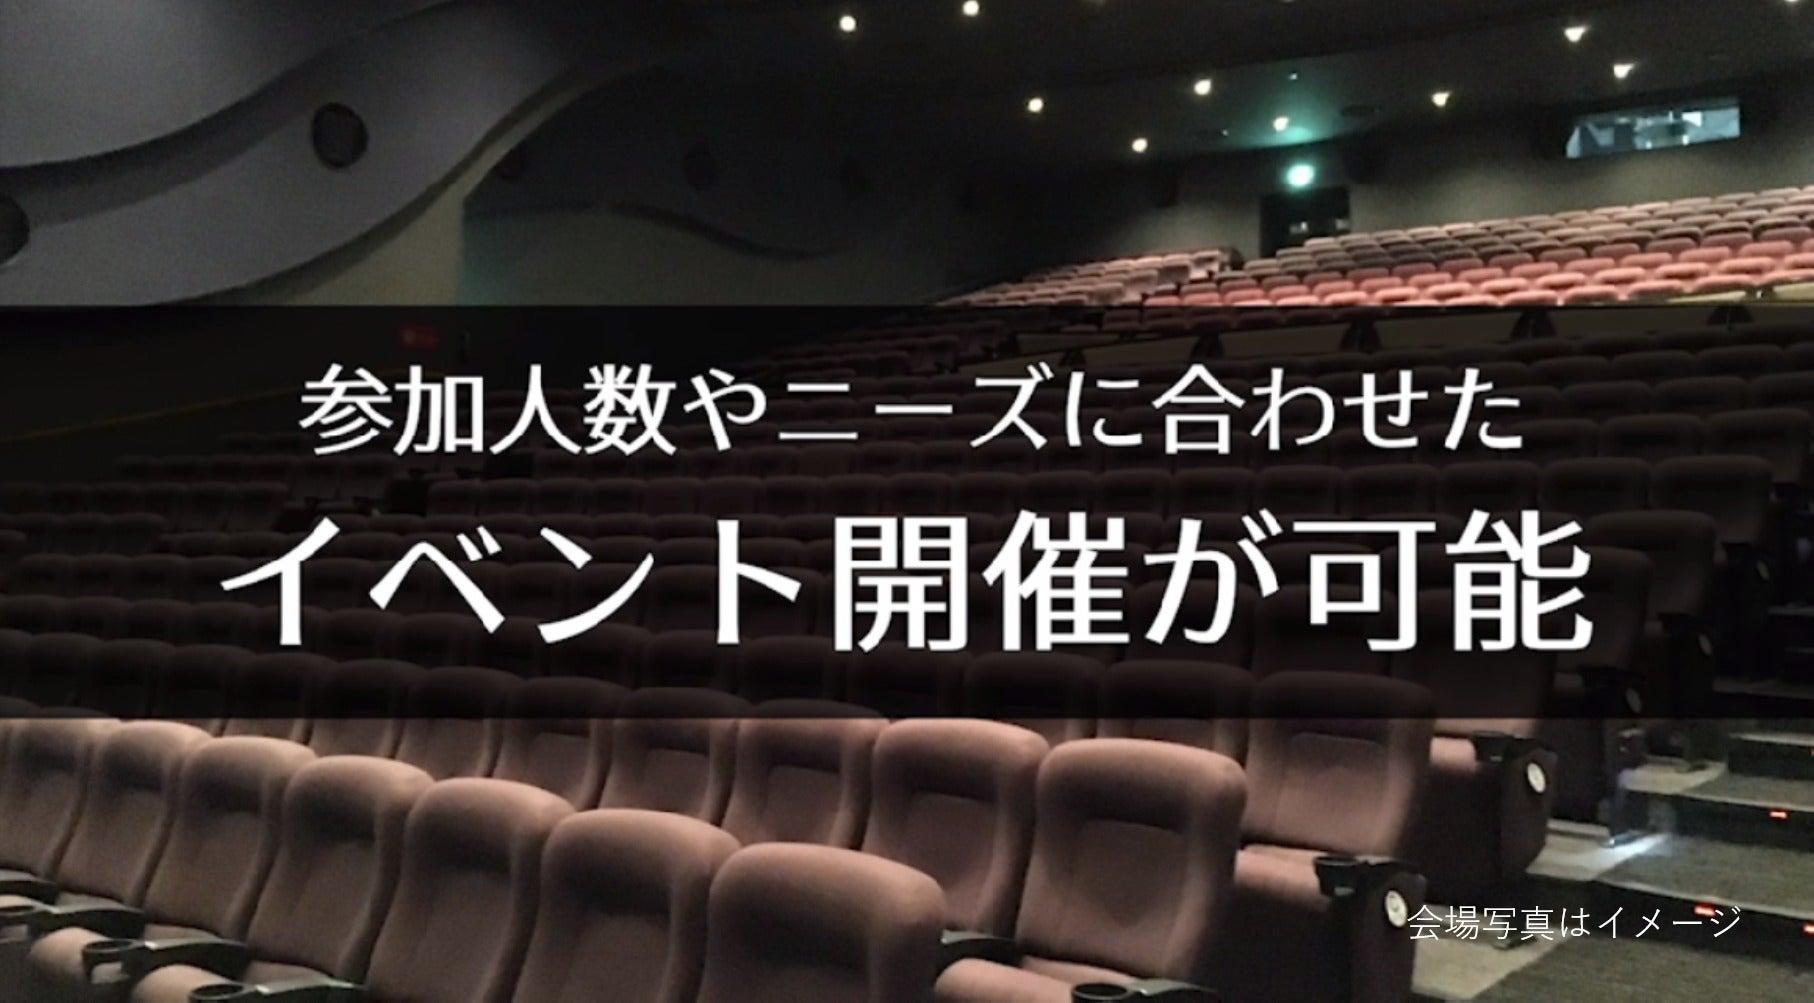 【つくば 151席】映画館で、会社説明会、株主総会、講演会の企画はいかがですか?(シネプレックスつくば) の写真0